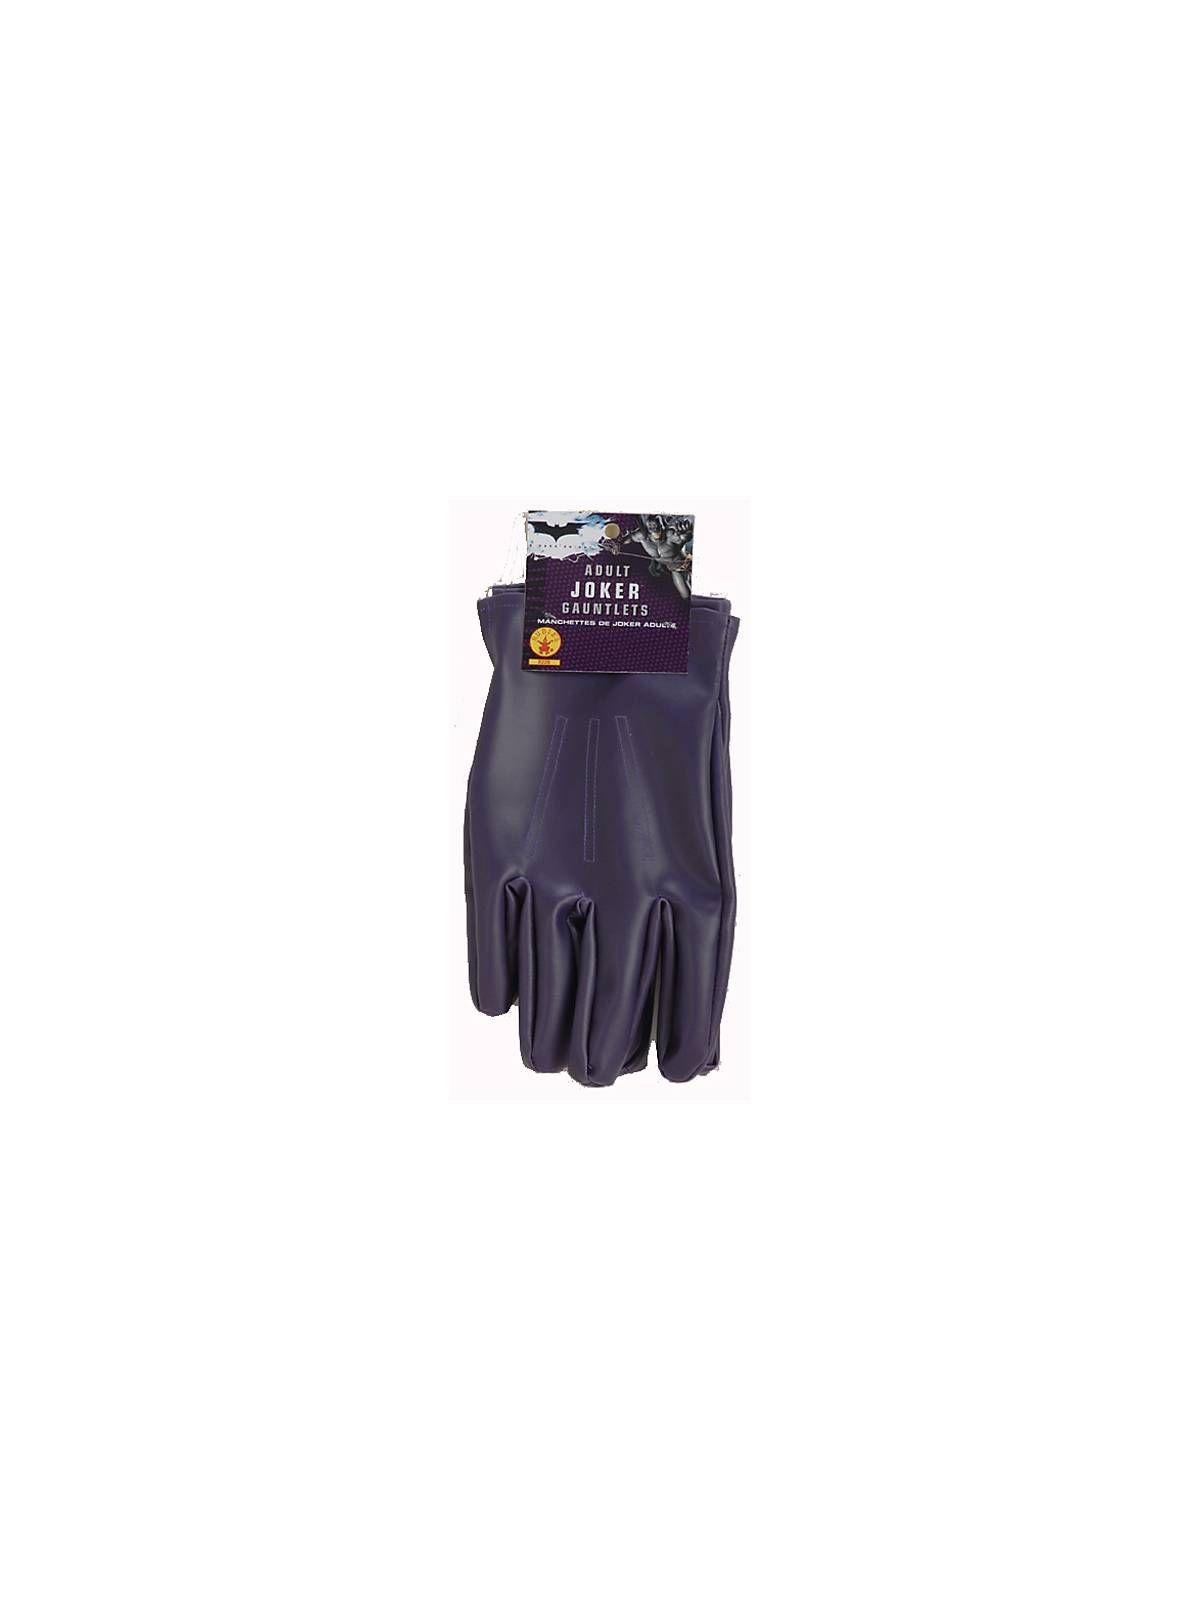 45b626e89678a Batman Dark Knight The Joker Gloves Adult | Joker Halloween Costumes ...